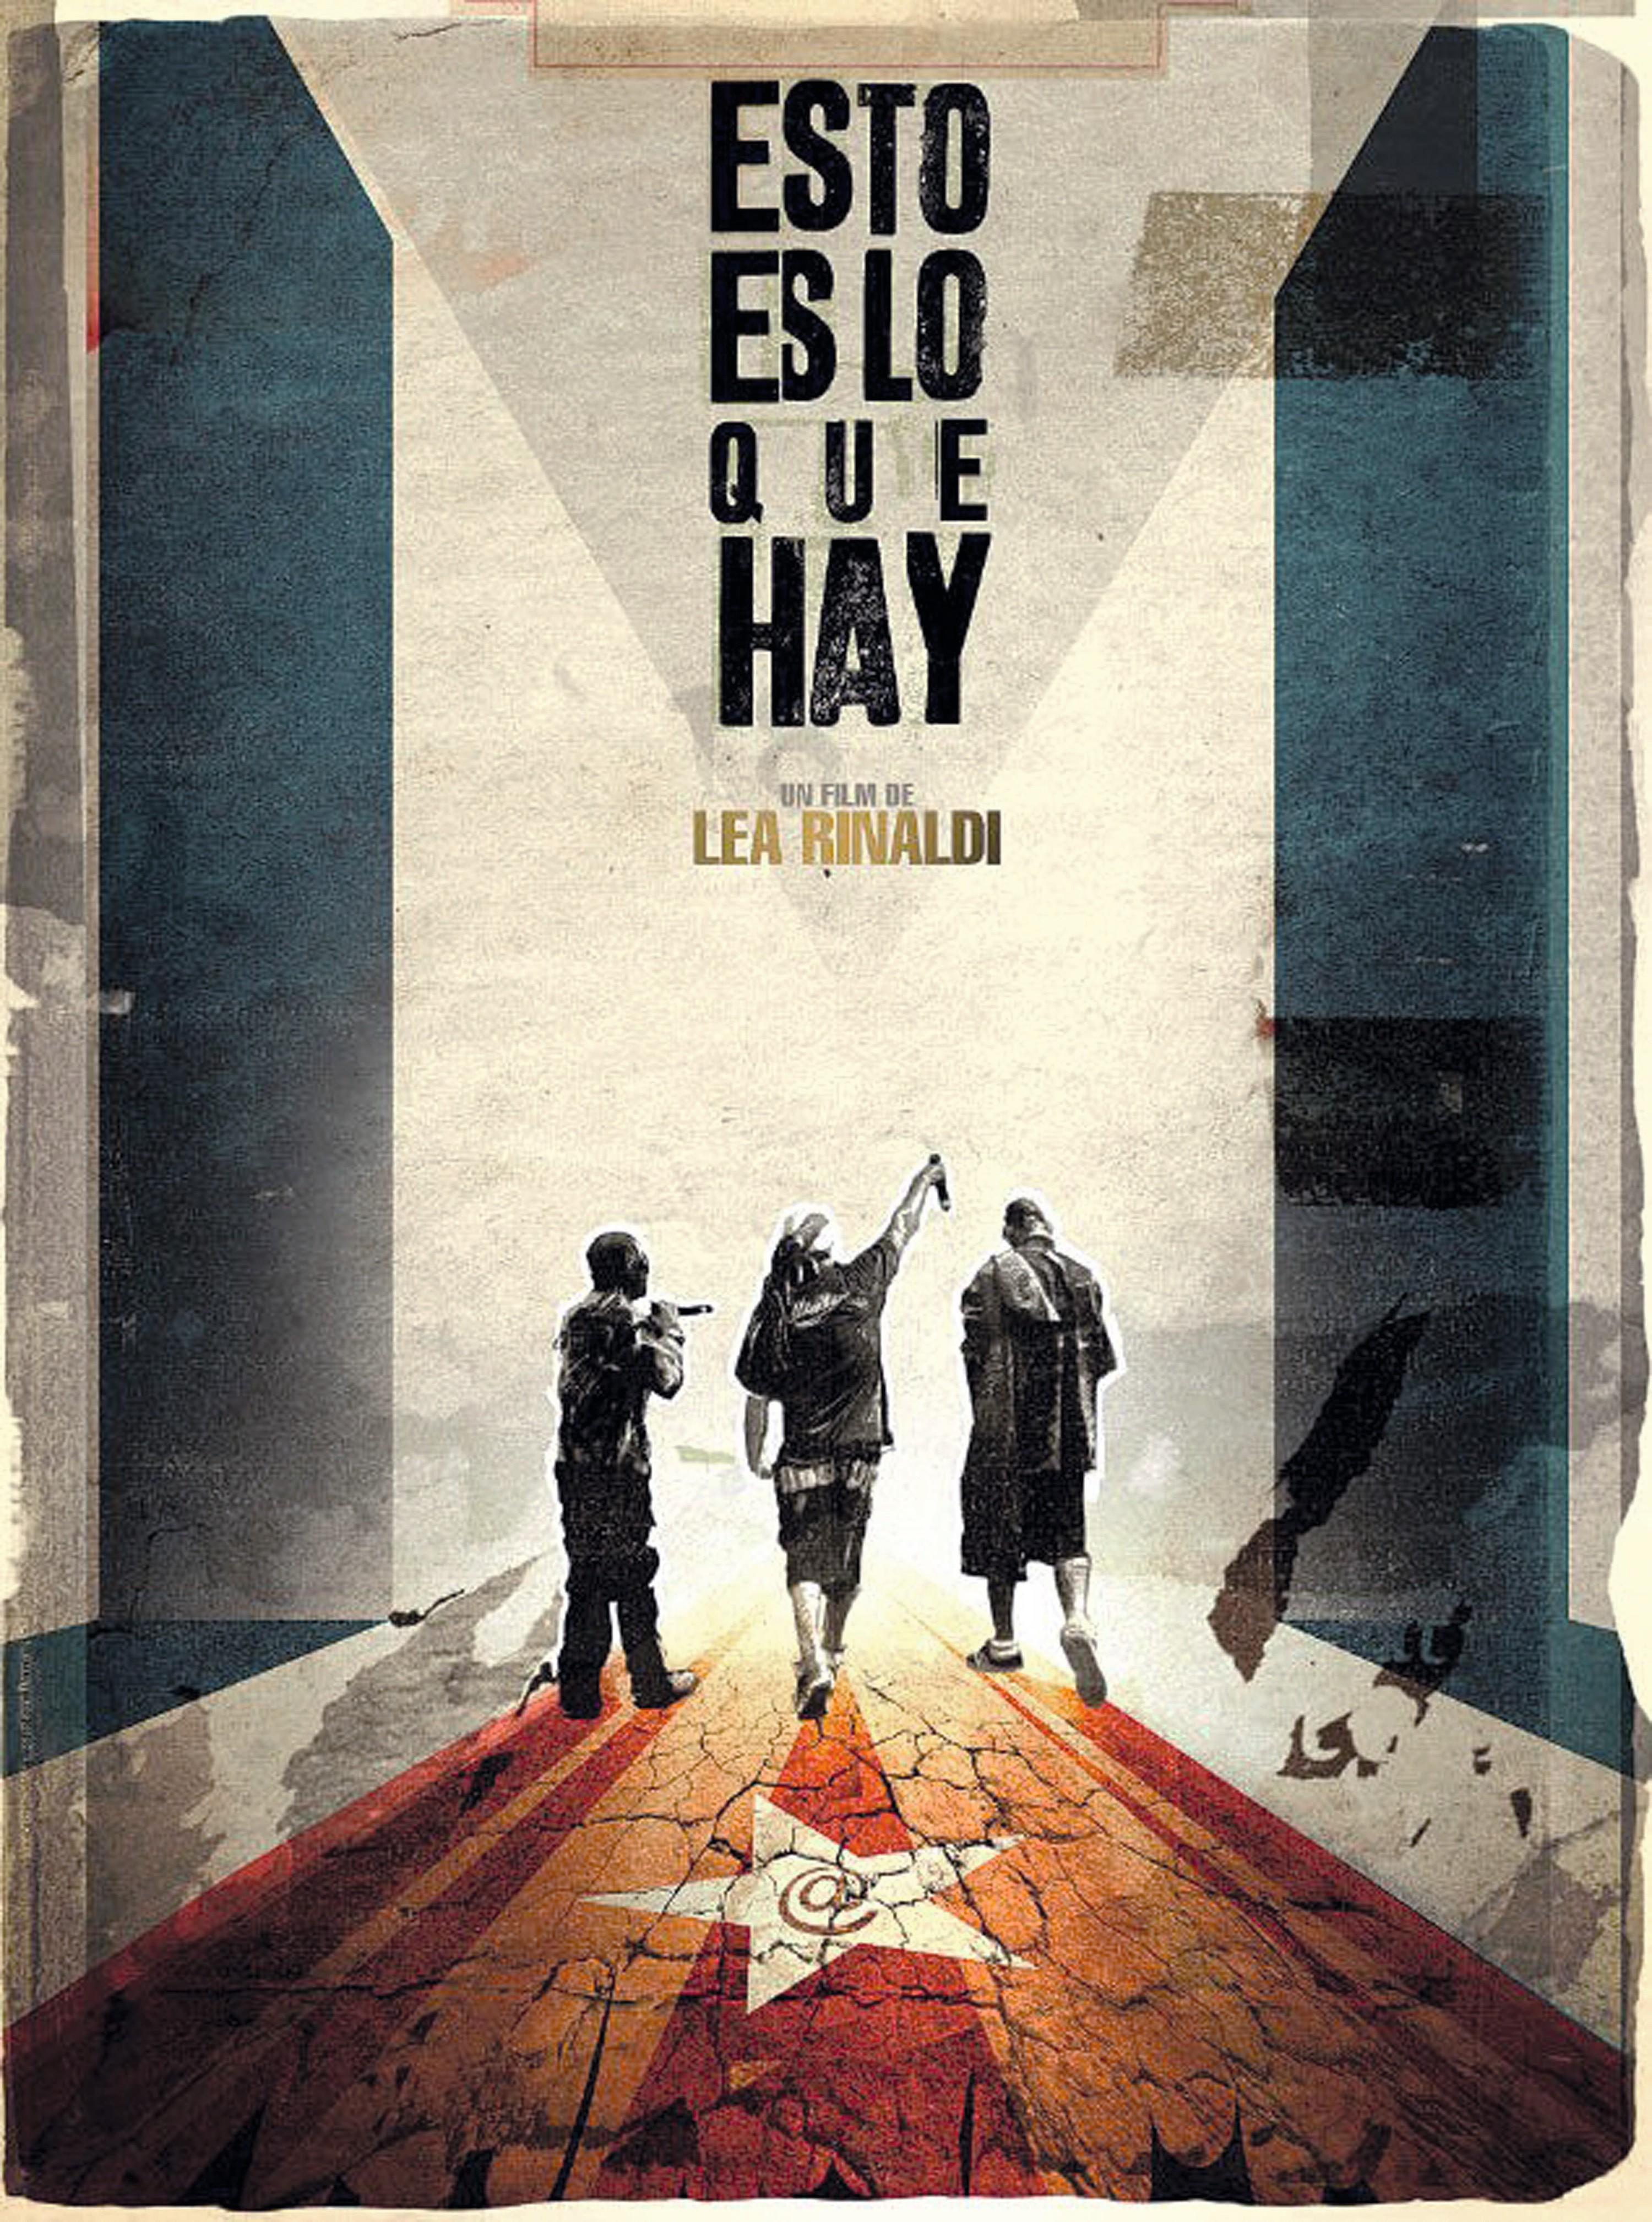 Cartel de la película Esto es lo que hay, Léa Rinaldi,  2015.